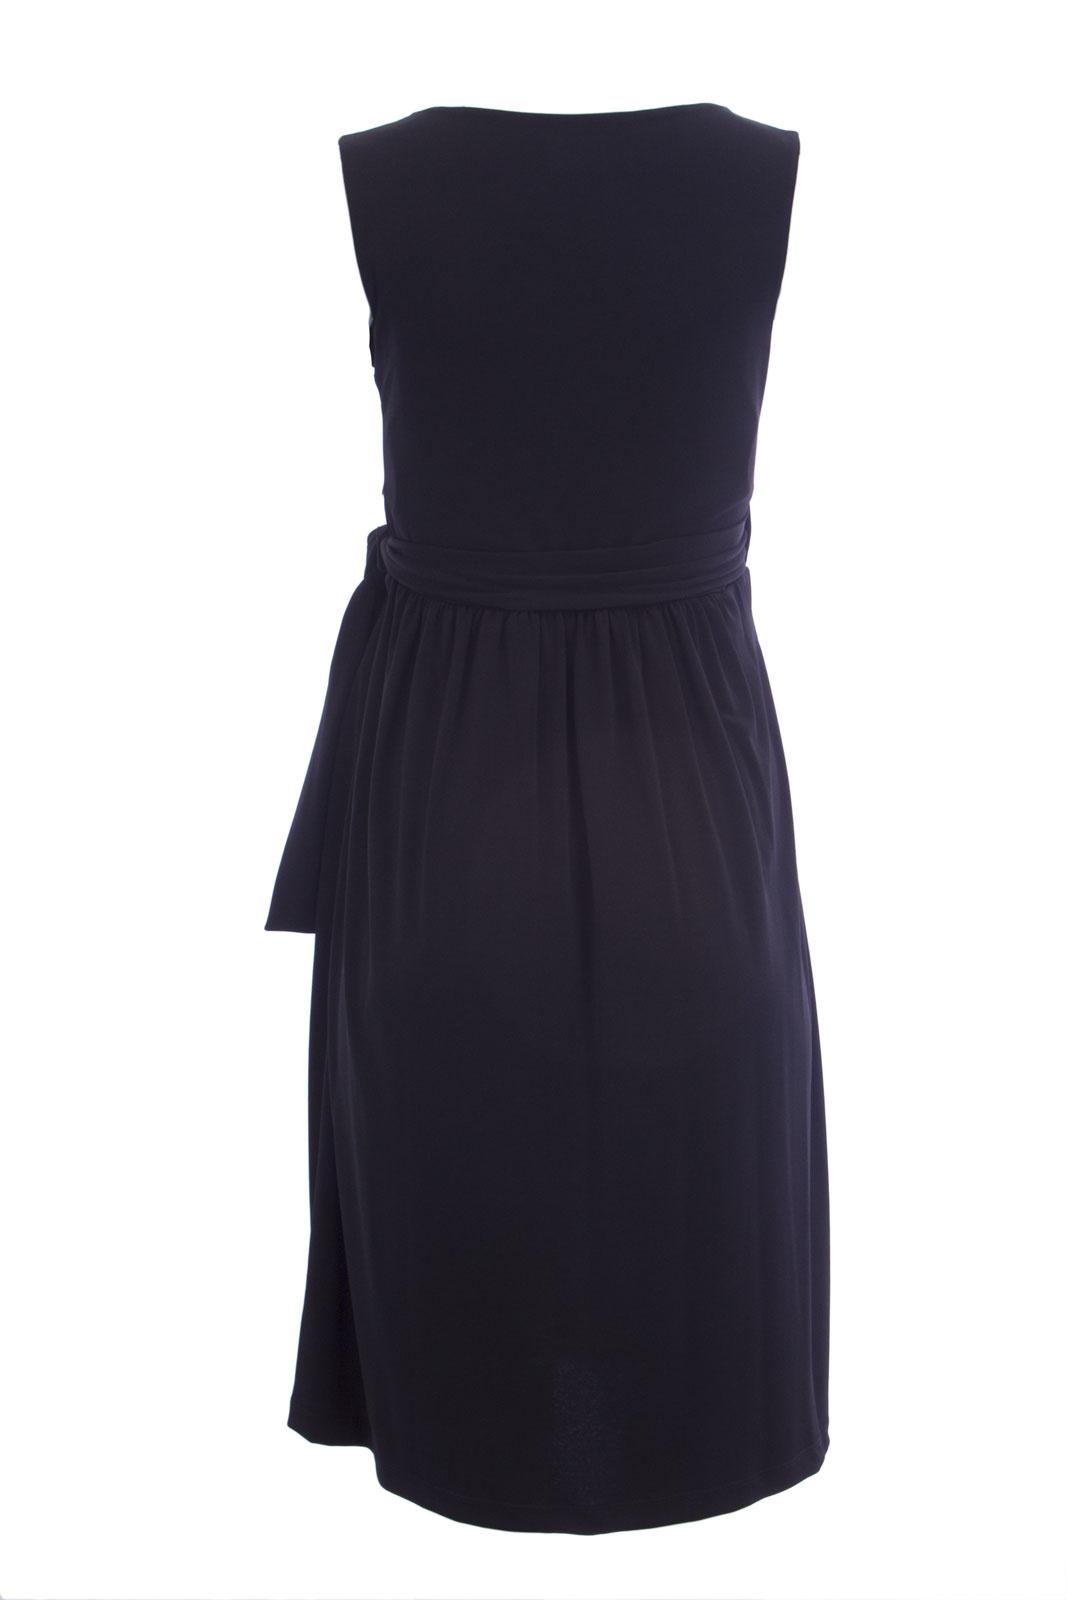 ce59fc39d7e20 OLIAN Maternity Women's Sleeveless Wrap Dress $155 NWT | eBay